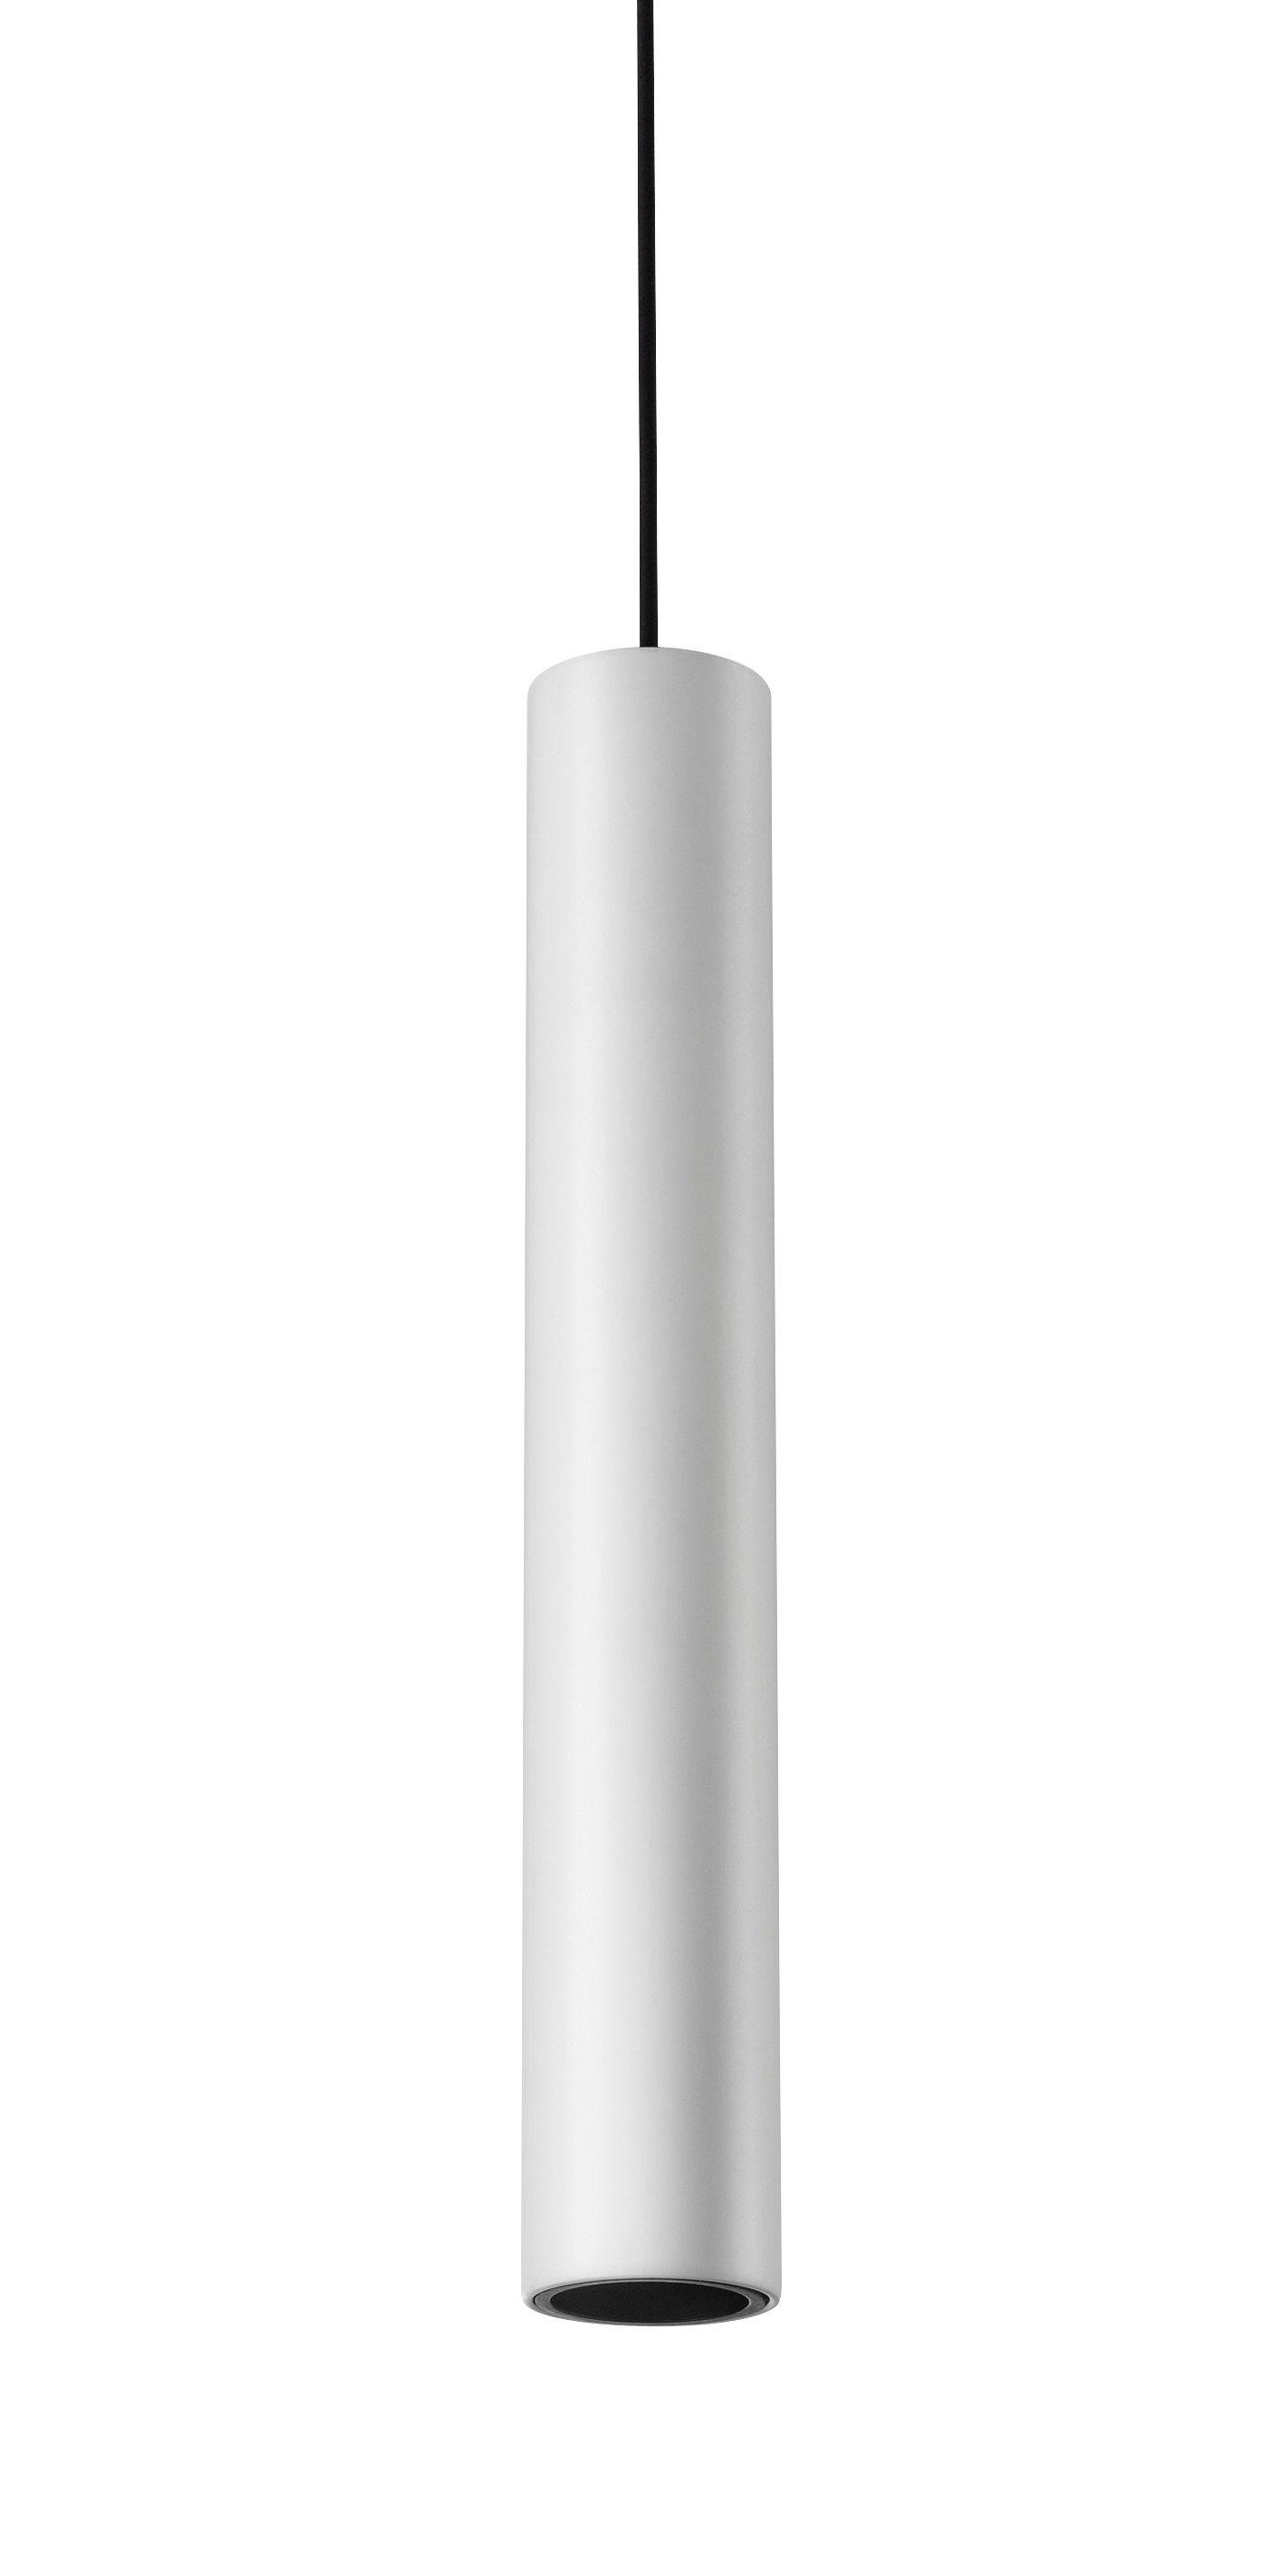 Luminaire - Suspensions - Suspension Find Me LED - Flos - Blanc - Aluminium